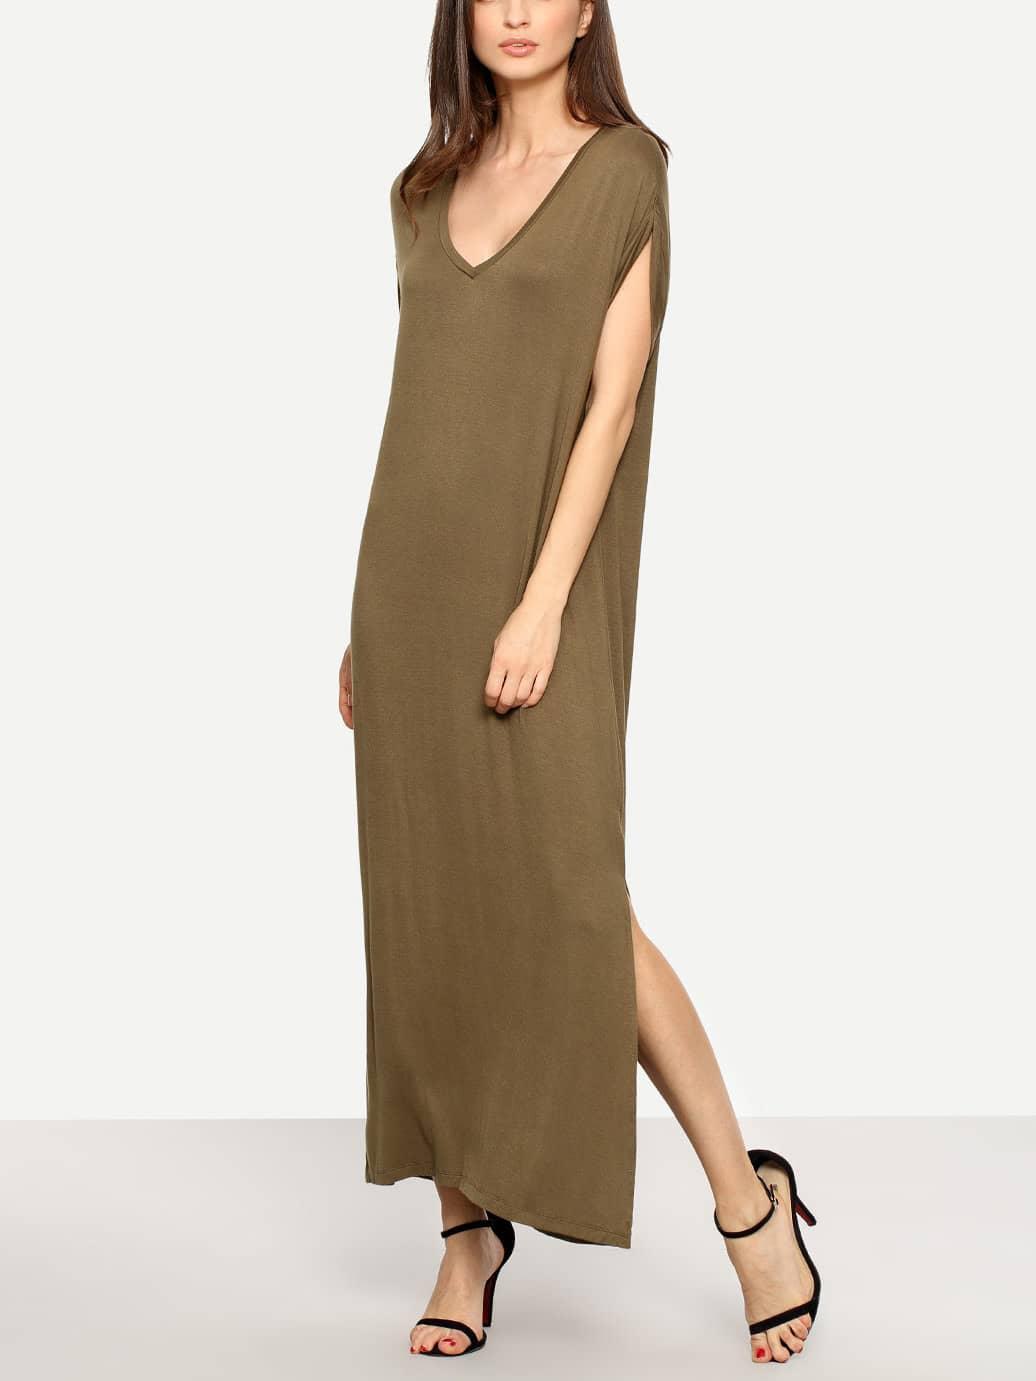 Plunging V-neckline Slit Full Length Dress